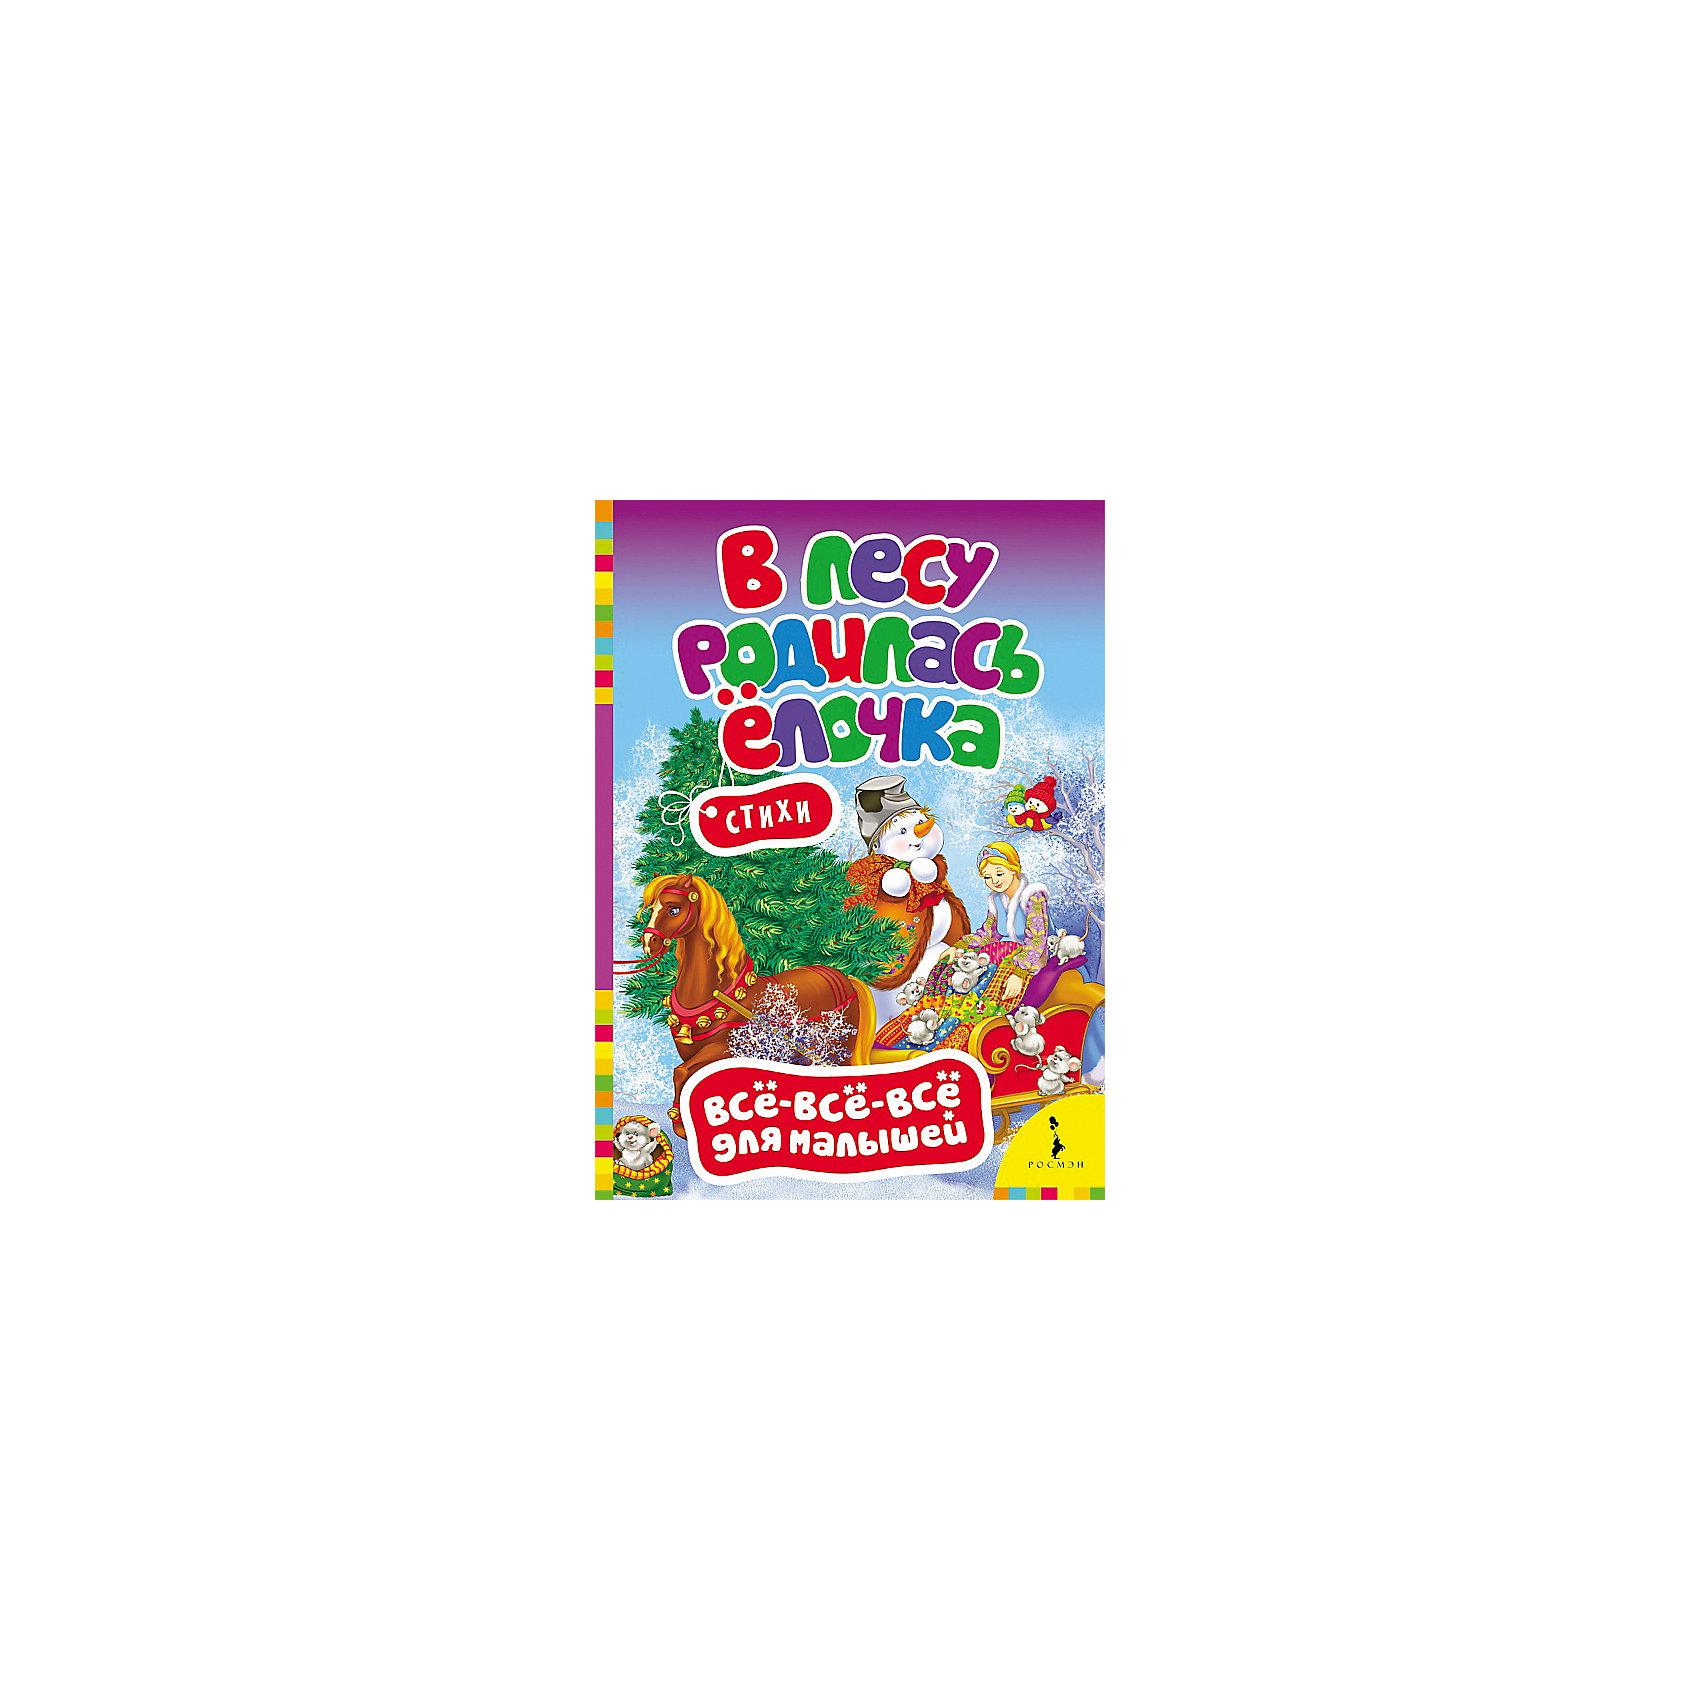 Сборник В лесу родилась елочка, Всё-всё-всё для малышейНовогодние книги<br>Замечательная подборка стихов, потешек и загадок к Новому году. Красивая книжка с глянцевыми страничками и праздничными стихами станет прекрасным подаркам для малышей. <br><br>Дополнительная информация: <br><br>- Иллюстрации: цветные.<br>- Формат: 22х16 см.<br>- Переплет: твердый.<br>- Количество страниц: 12 <br><br>Сборник В лесу родилась елочка можно купить в нашем магазине.<br><br>Ширина мм: 220<br>Глубина мм: 160<br>Высота мм: 5<br>Вес г: 113<br>Возраст от месяцев: 12<br>Возраст до месяцев: 72<br>Пол: Унисекс<br>Возраст: Детский<br>SKU: 4323881